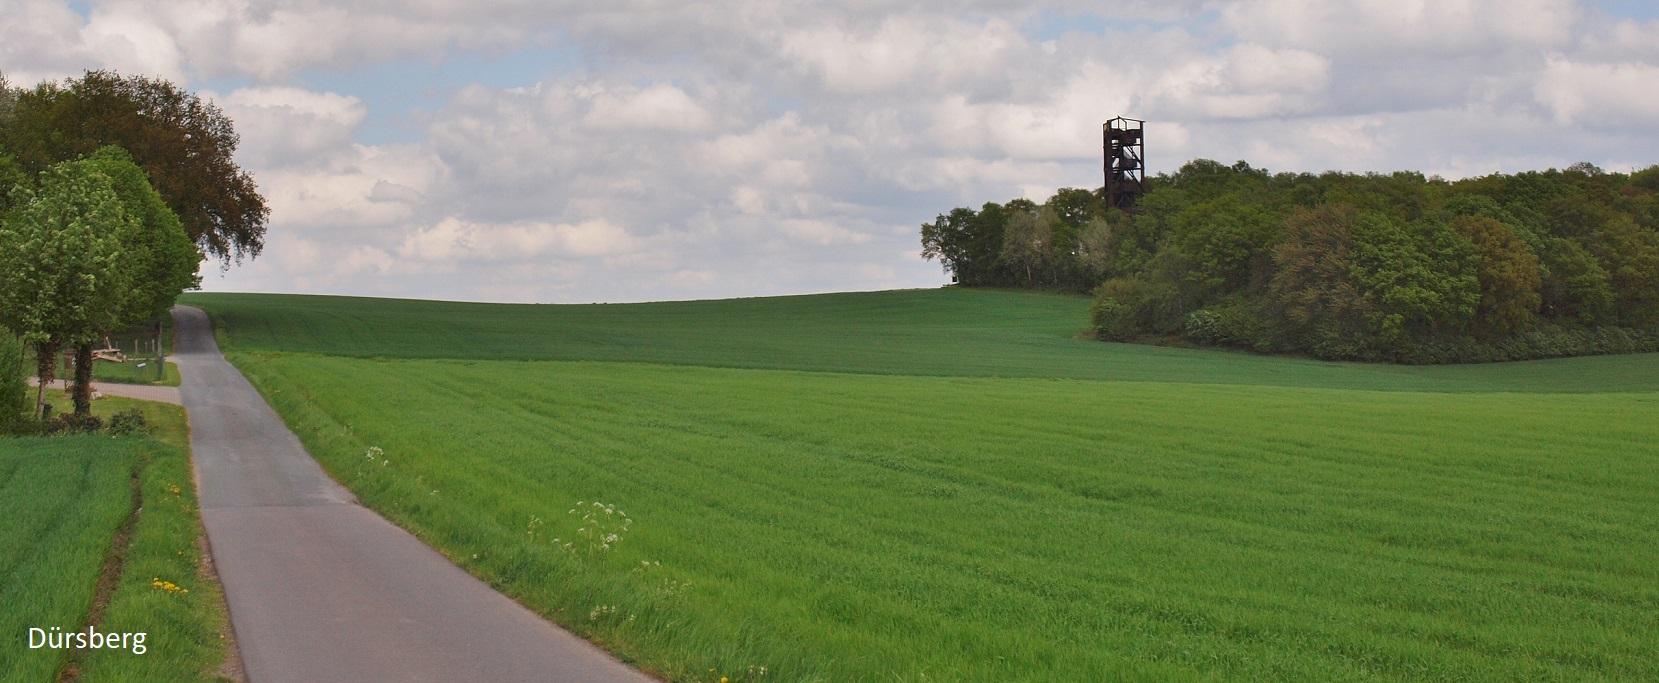 Dürsberg (Sonsbeck)